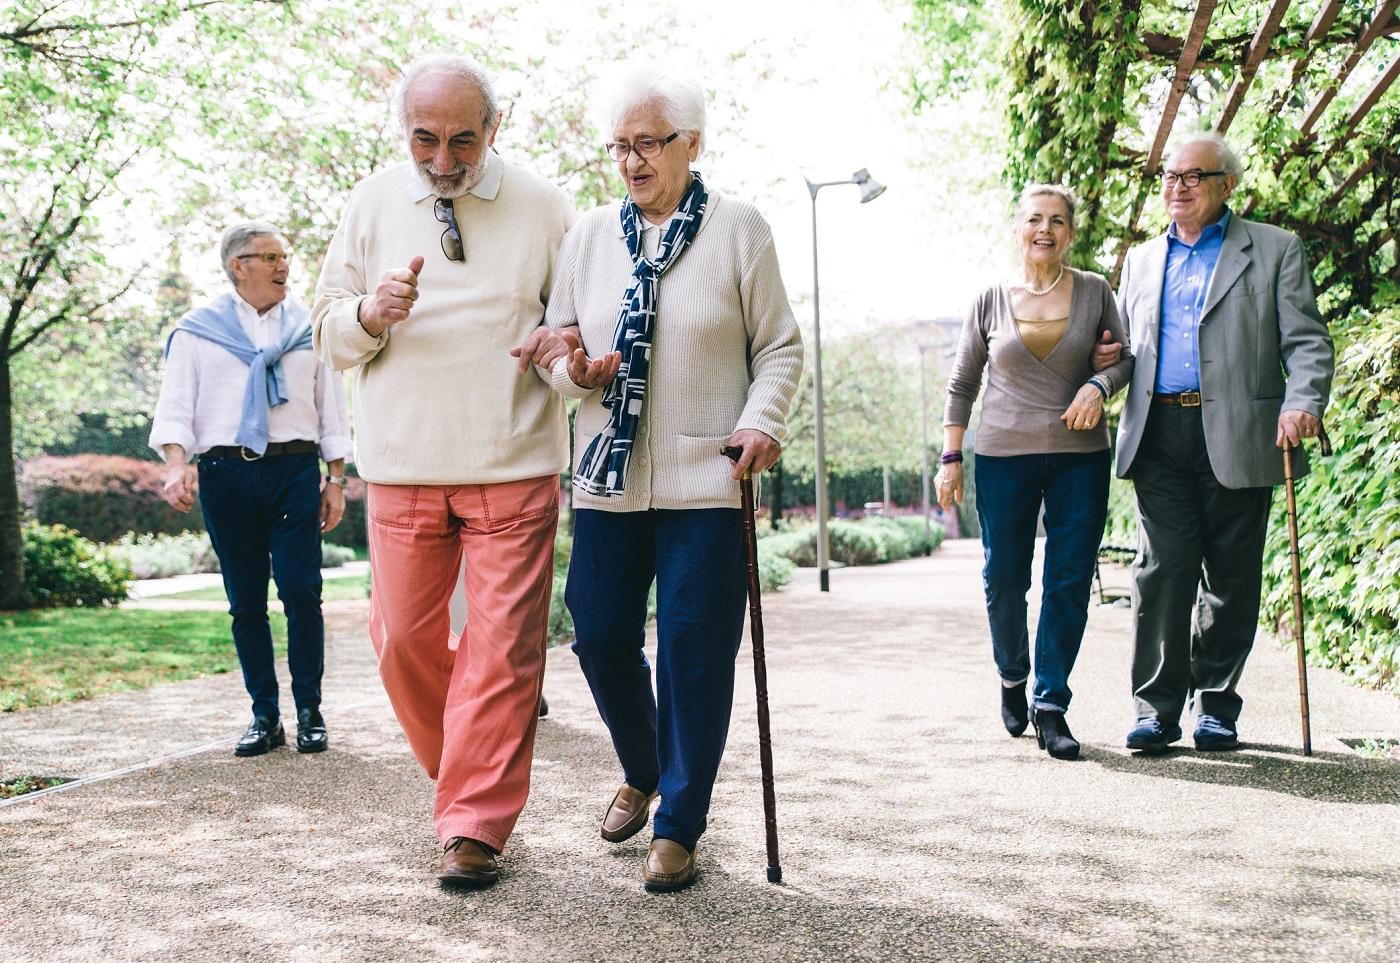 Готовься к пенсии заранее: что ПФР рекомендует сделать предпенсионеру